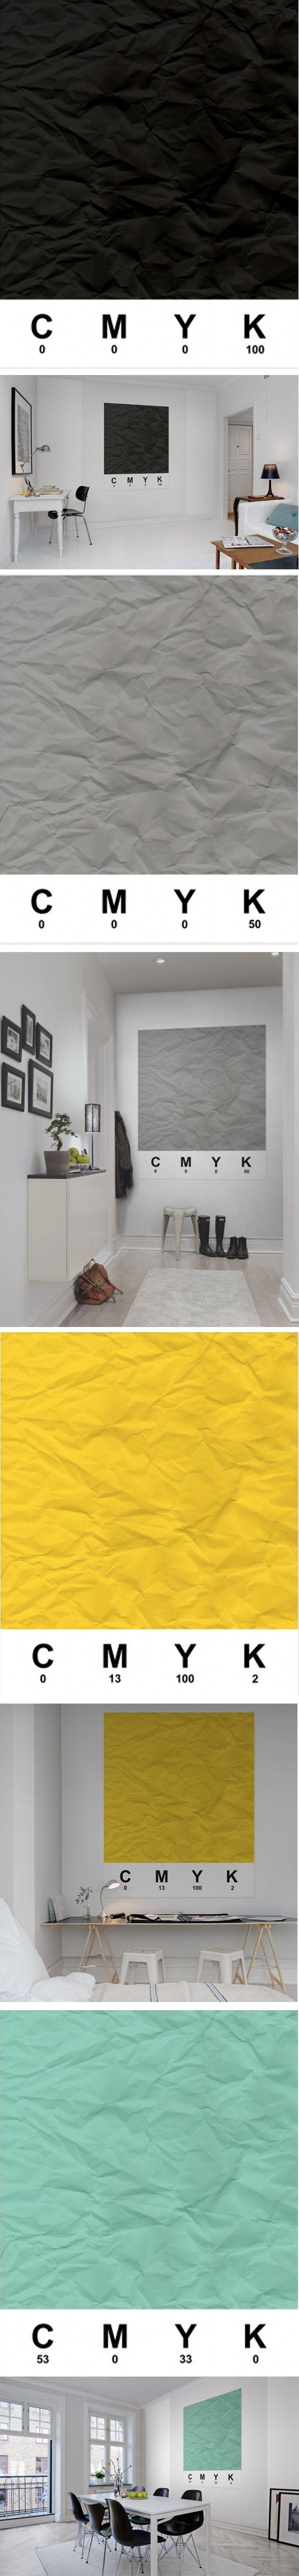 CMYK wallpaper _ rebelwalls cmyk | http://rebelwalls.com/ #rebelwalls #wallpaper #cmyk